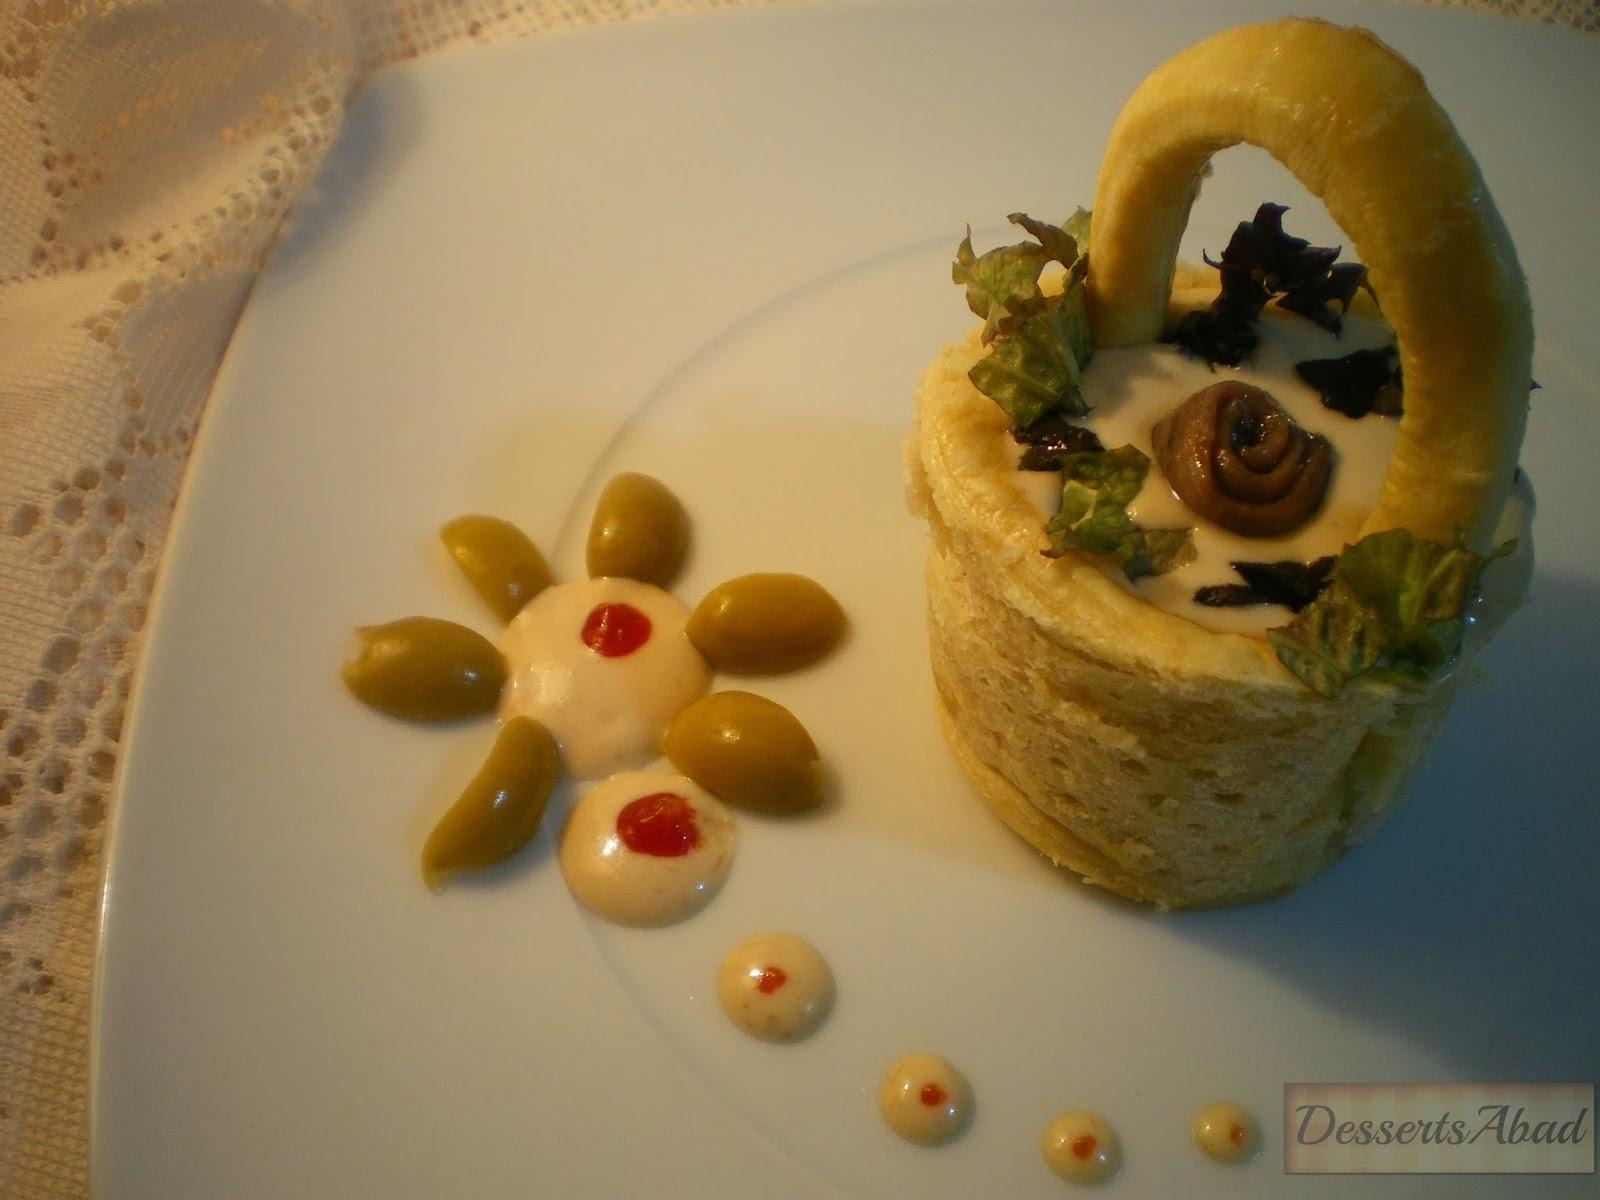 http://kepabad.blogspot.com.es/2014/02/cestitas-de-pollo-con-crema-de-anchoas.html